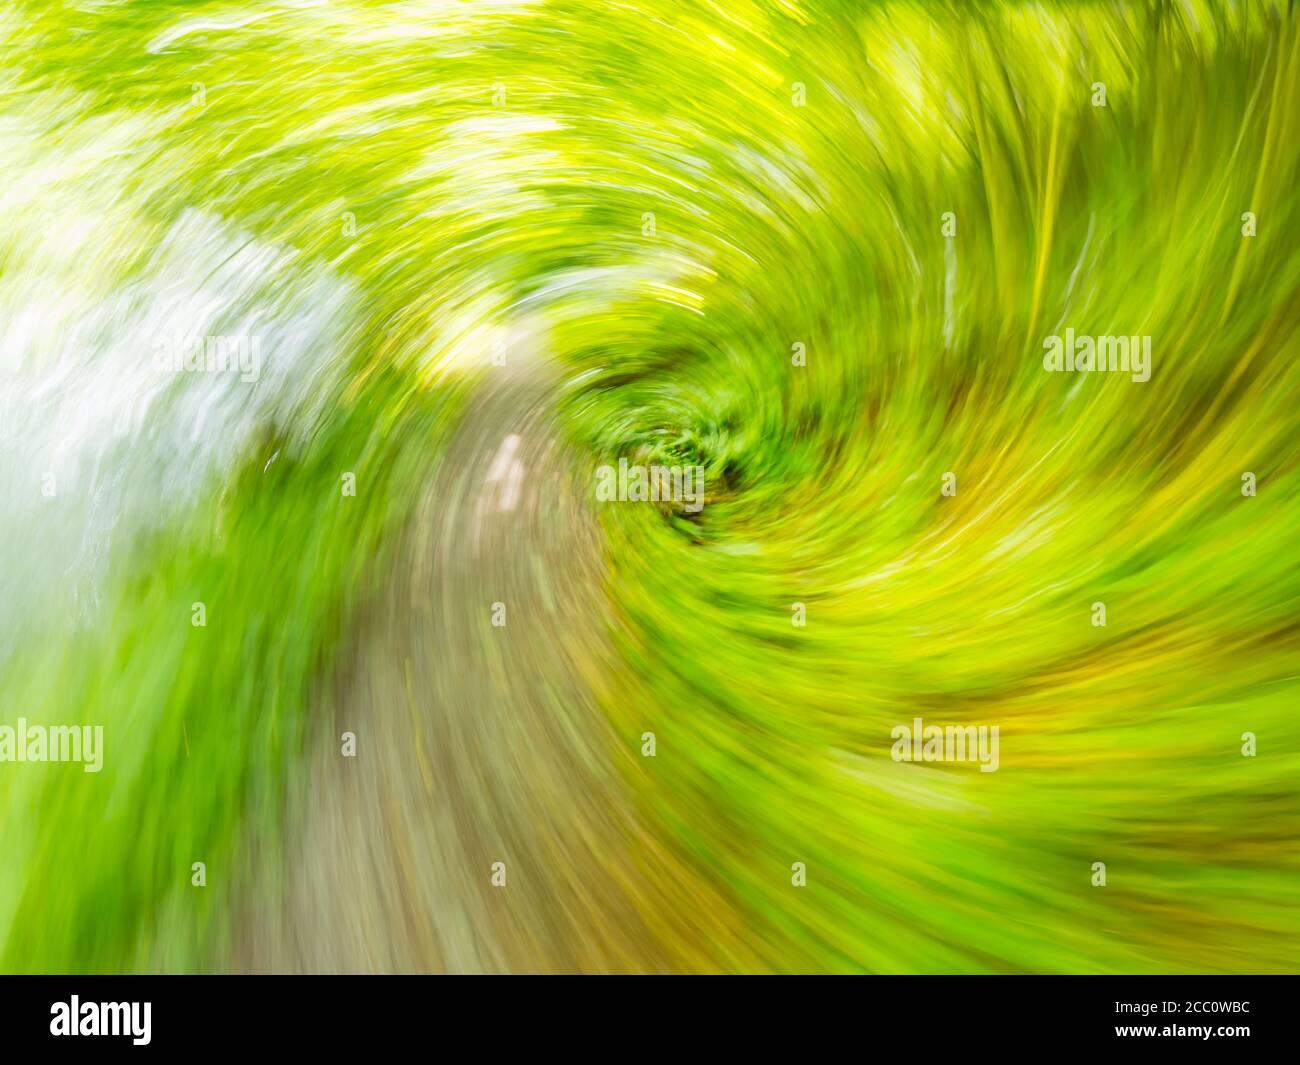 Circular motion vertigo inducing pathway trail through Green forest nature Spring season Zeleni vir near Skrad Croatia Europe Stock Photo